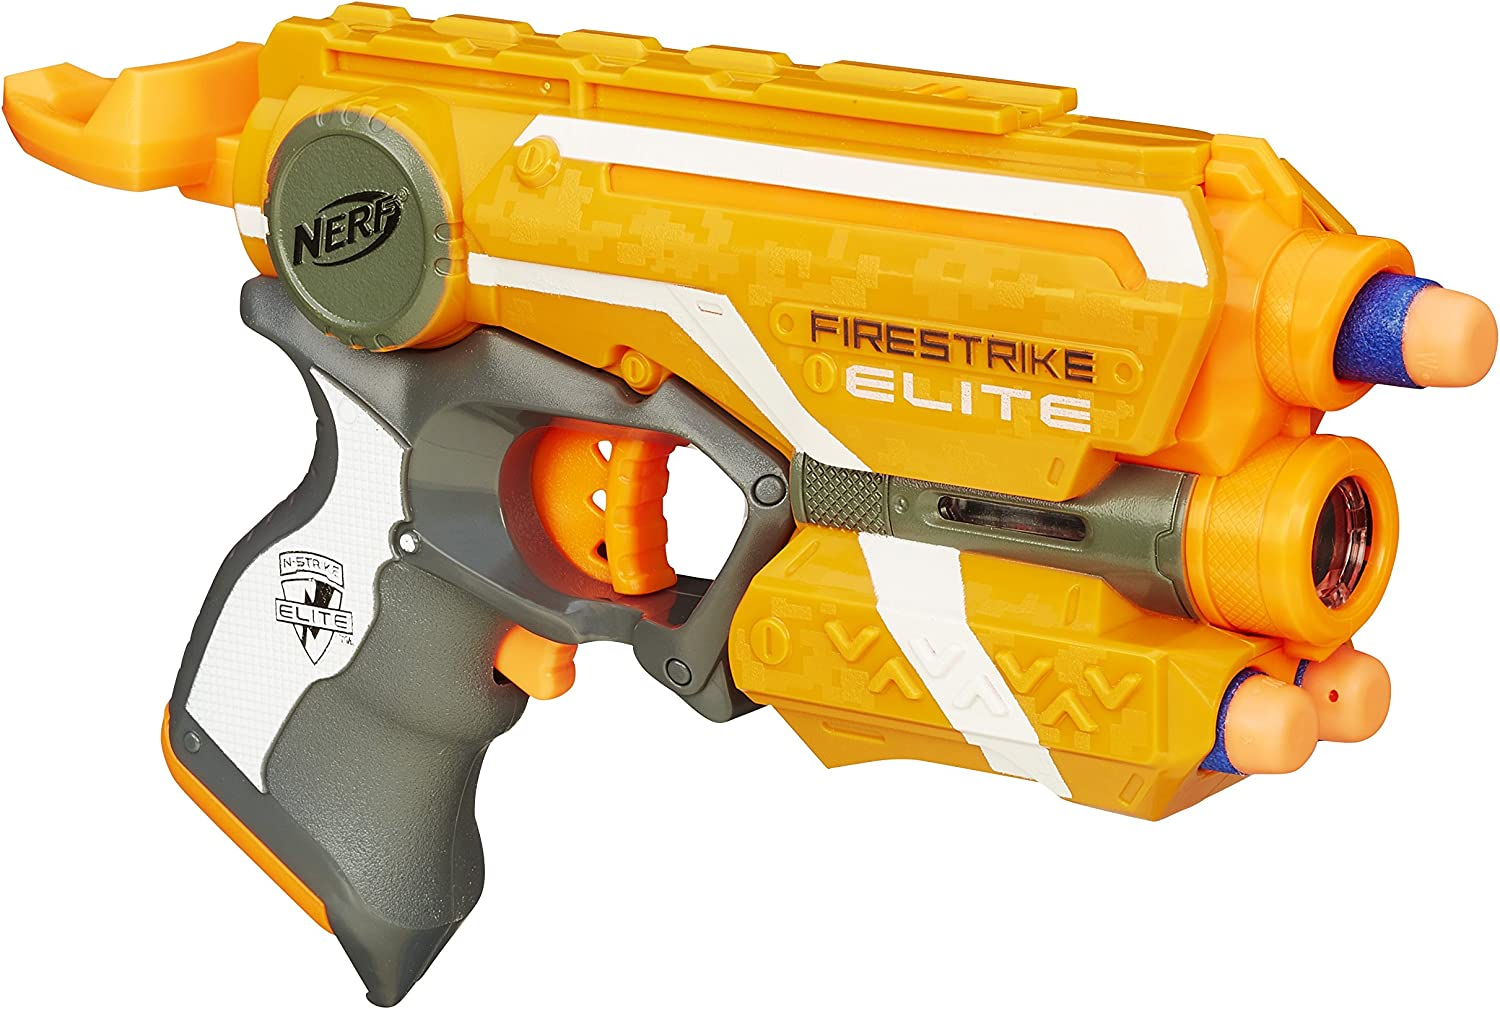 Nerf 53378E35 Arma Giocattolo Firestrike Elite, Colori Assoriti, Versione 2016